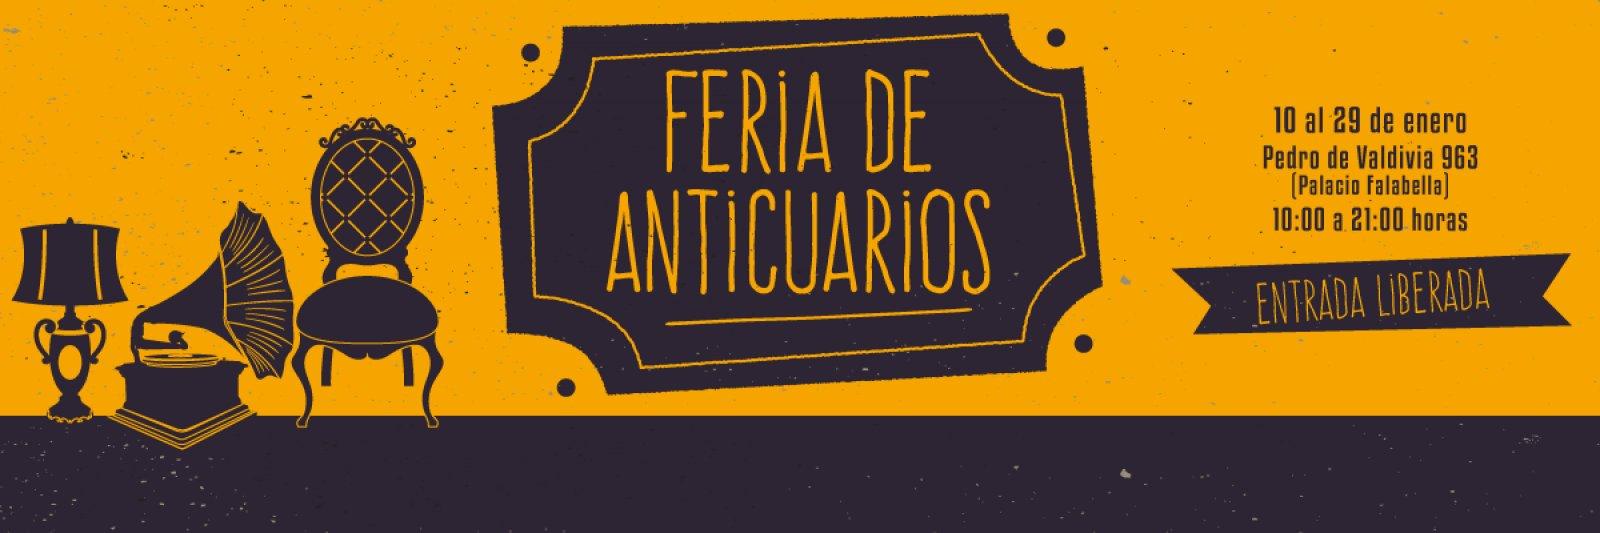 Feria De Anticuarios De Providencia Radio Concierto # Muebles Falabella Santiago